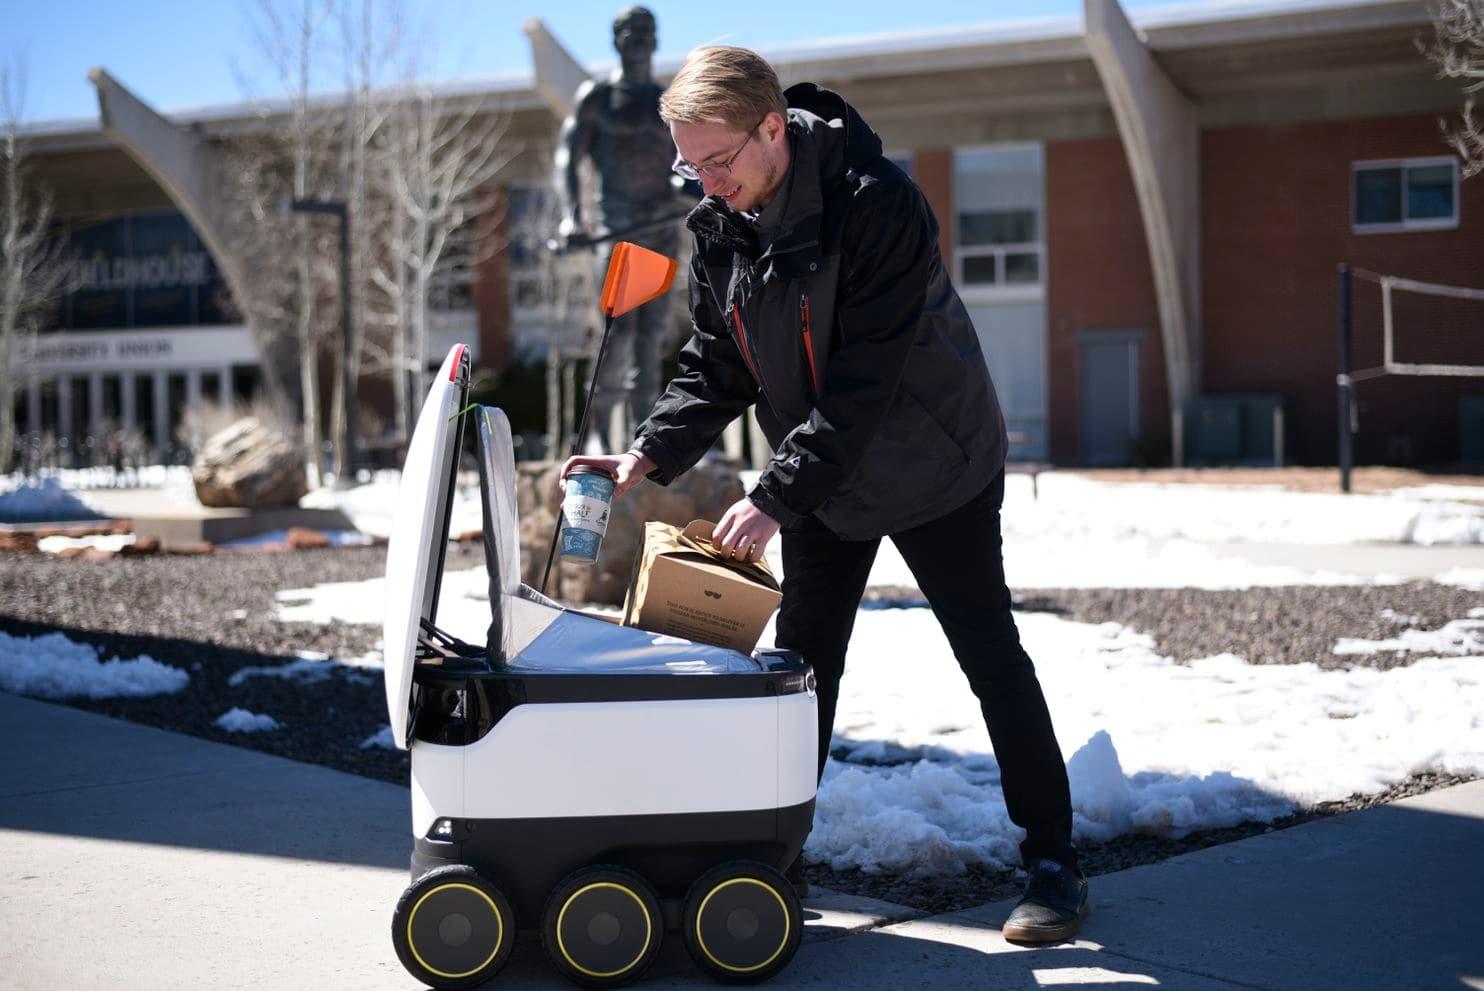 Как робот-доставщик изменил кулинарные привычки американских студентов - 1